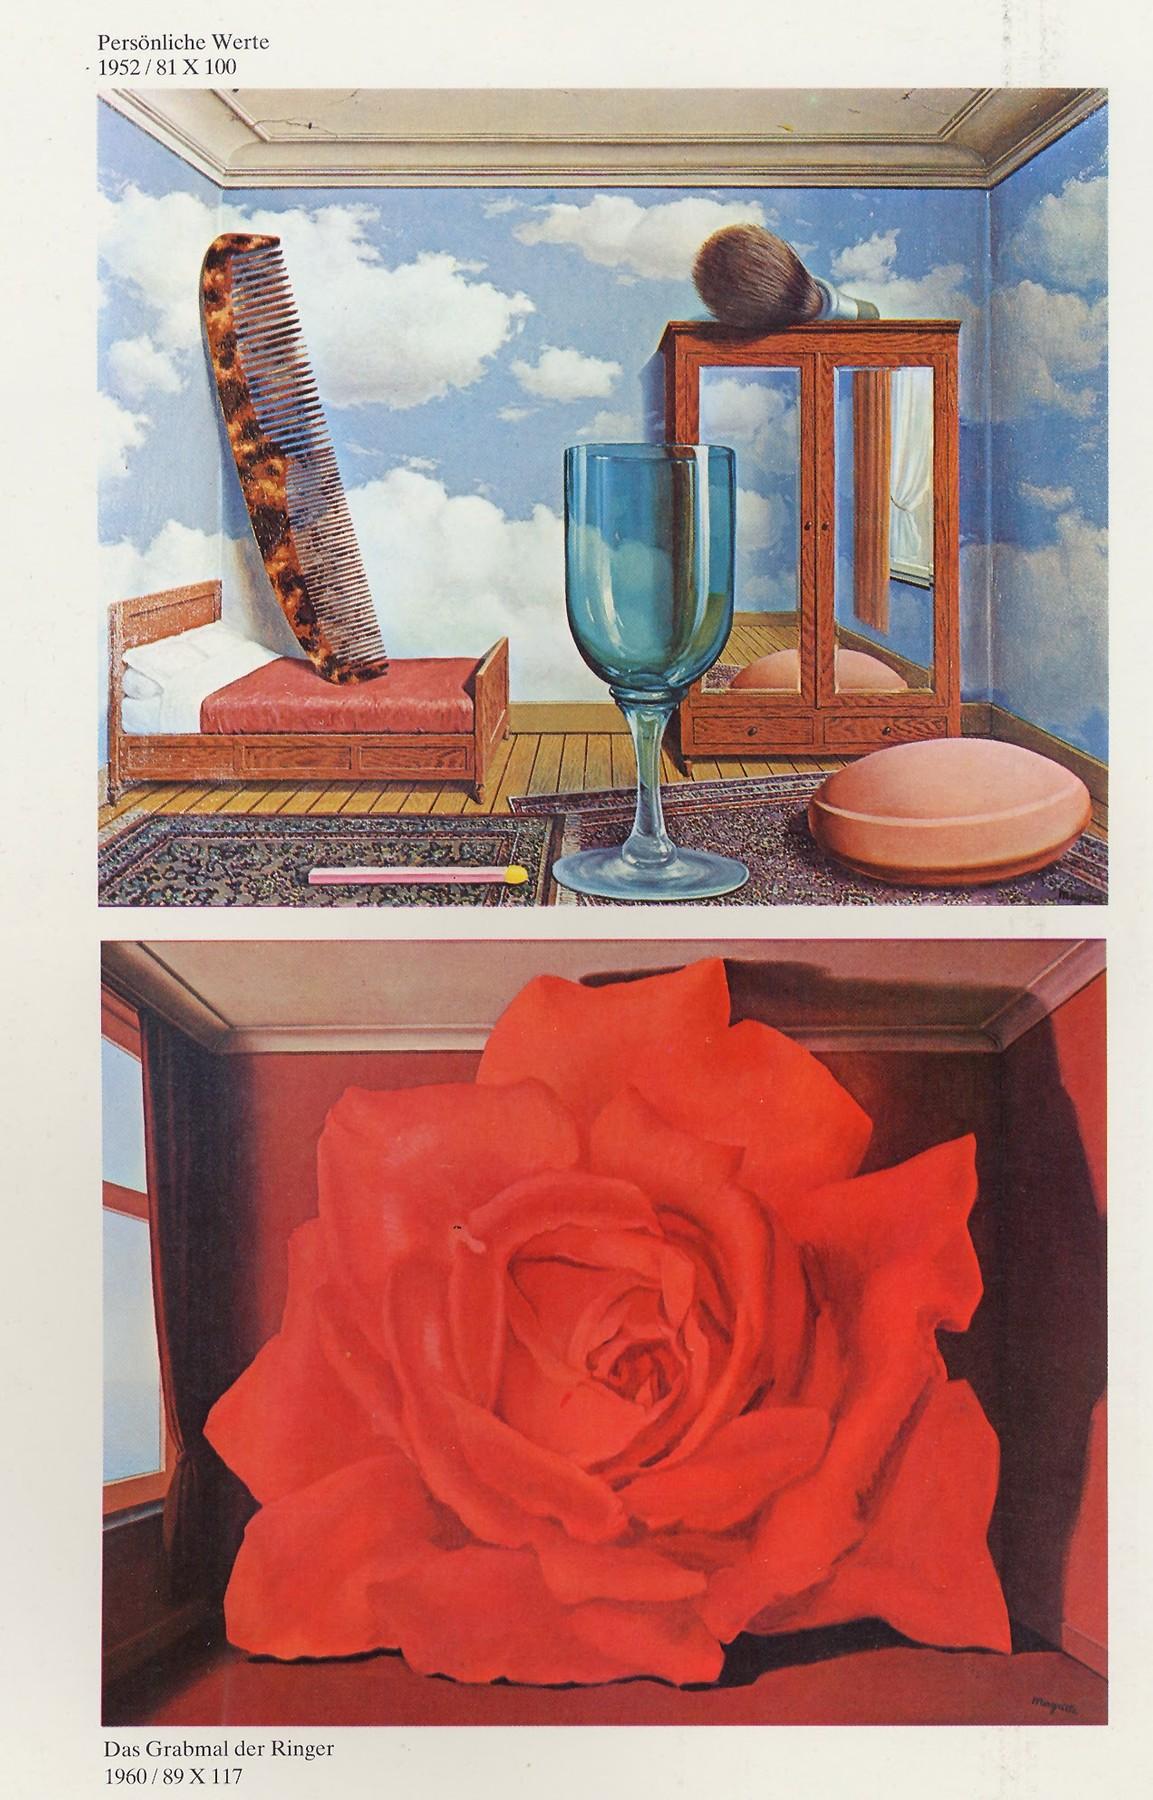 magritte21571.jpg